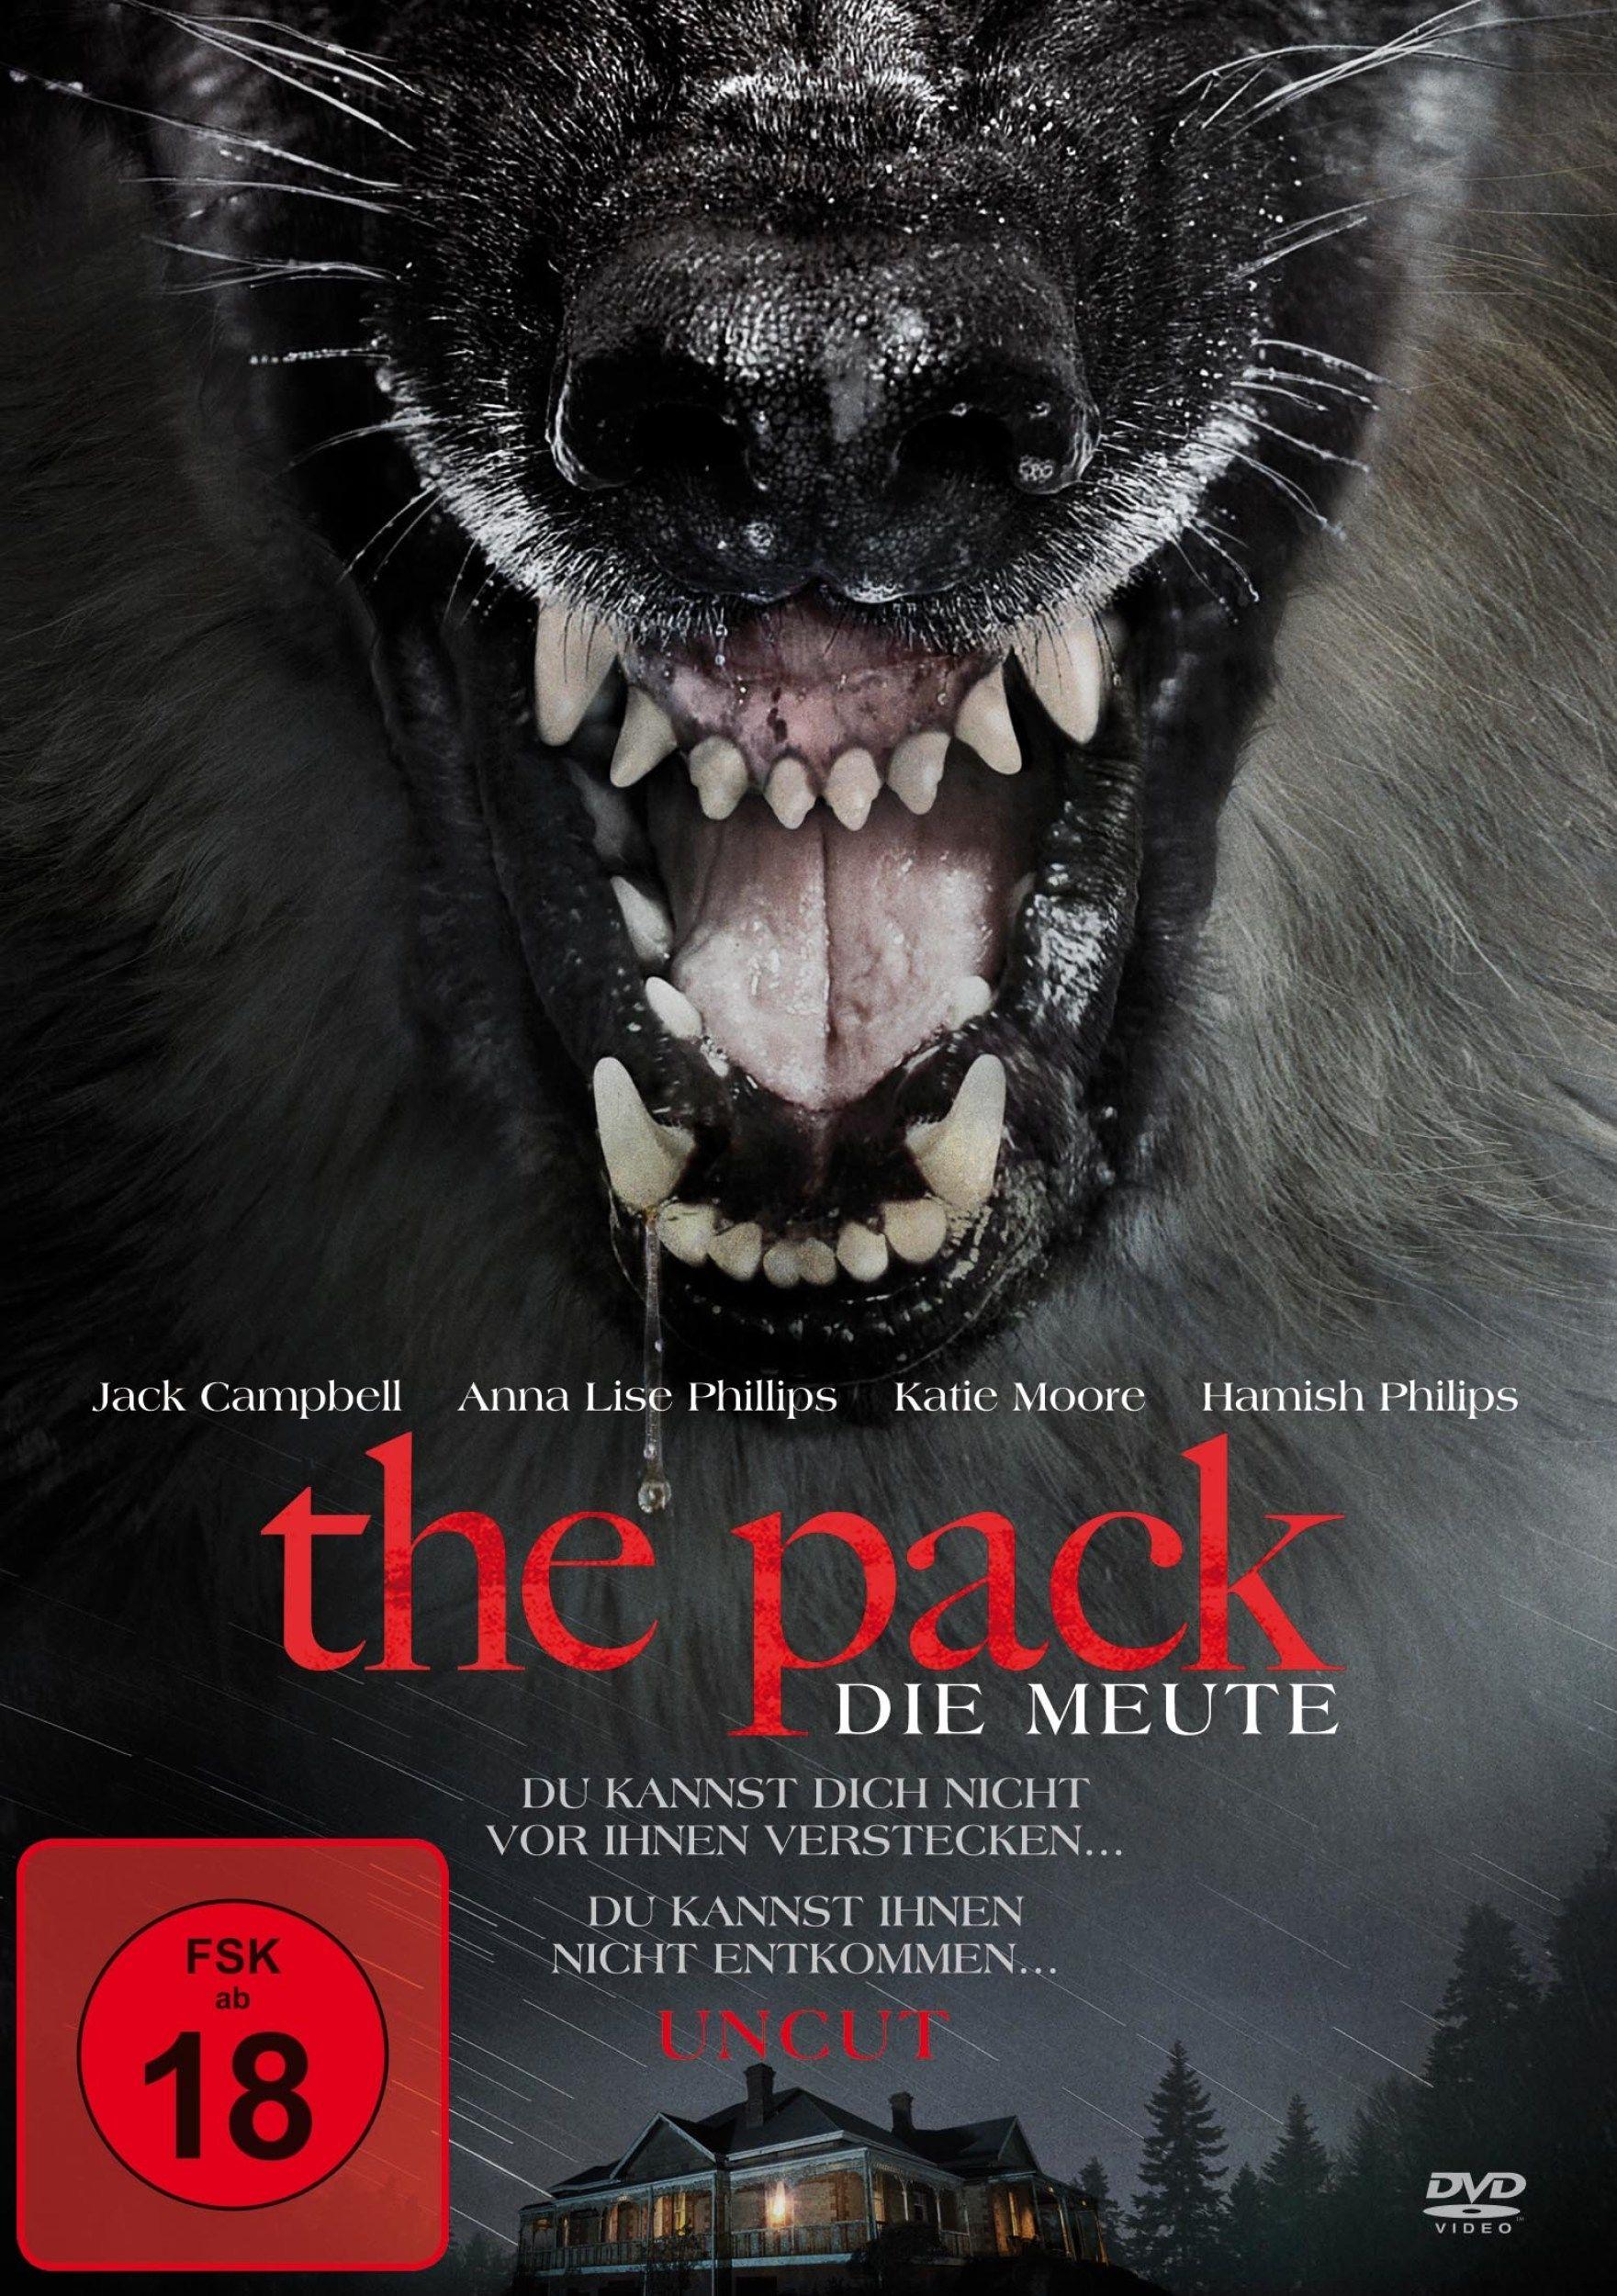 Pack, The - Die Meute (2015)